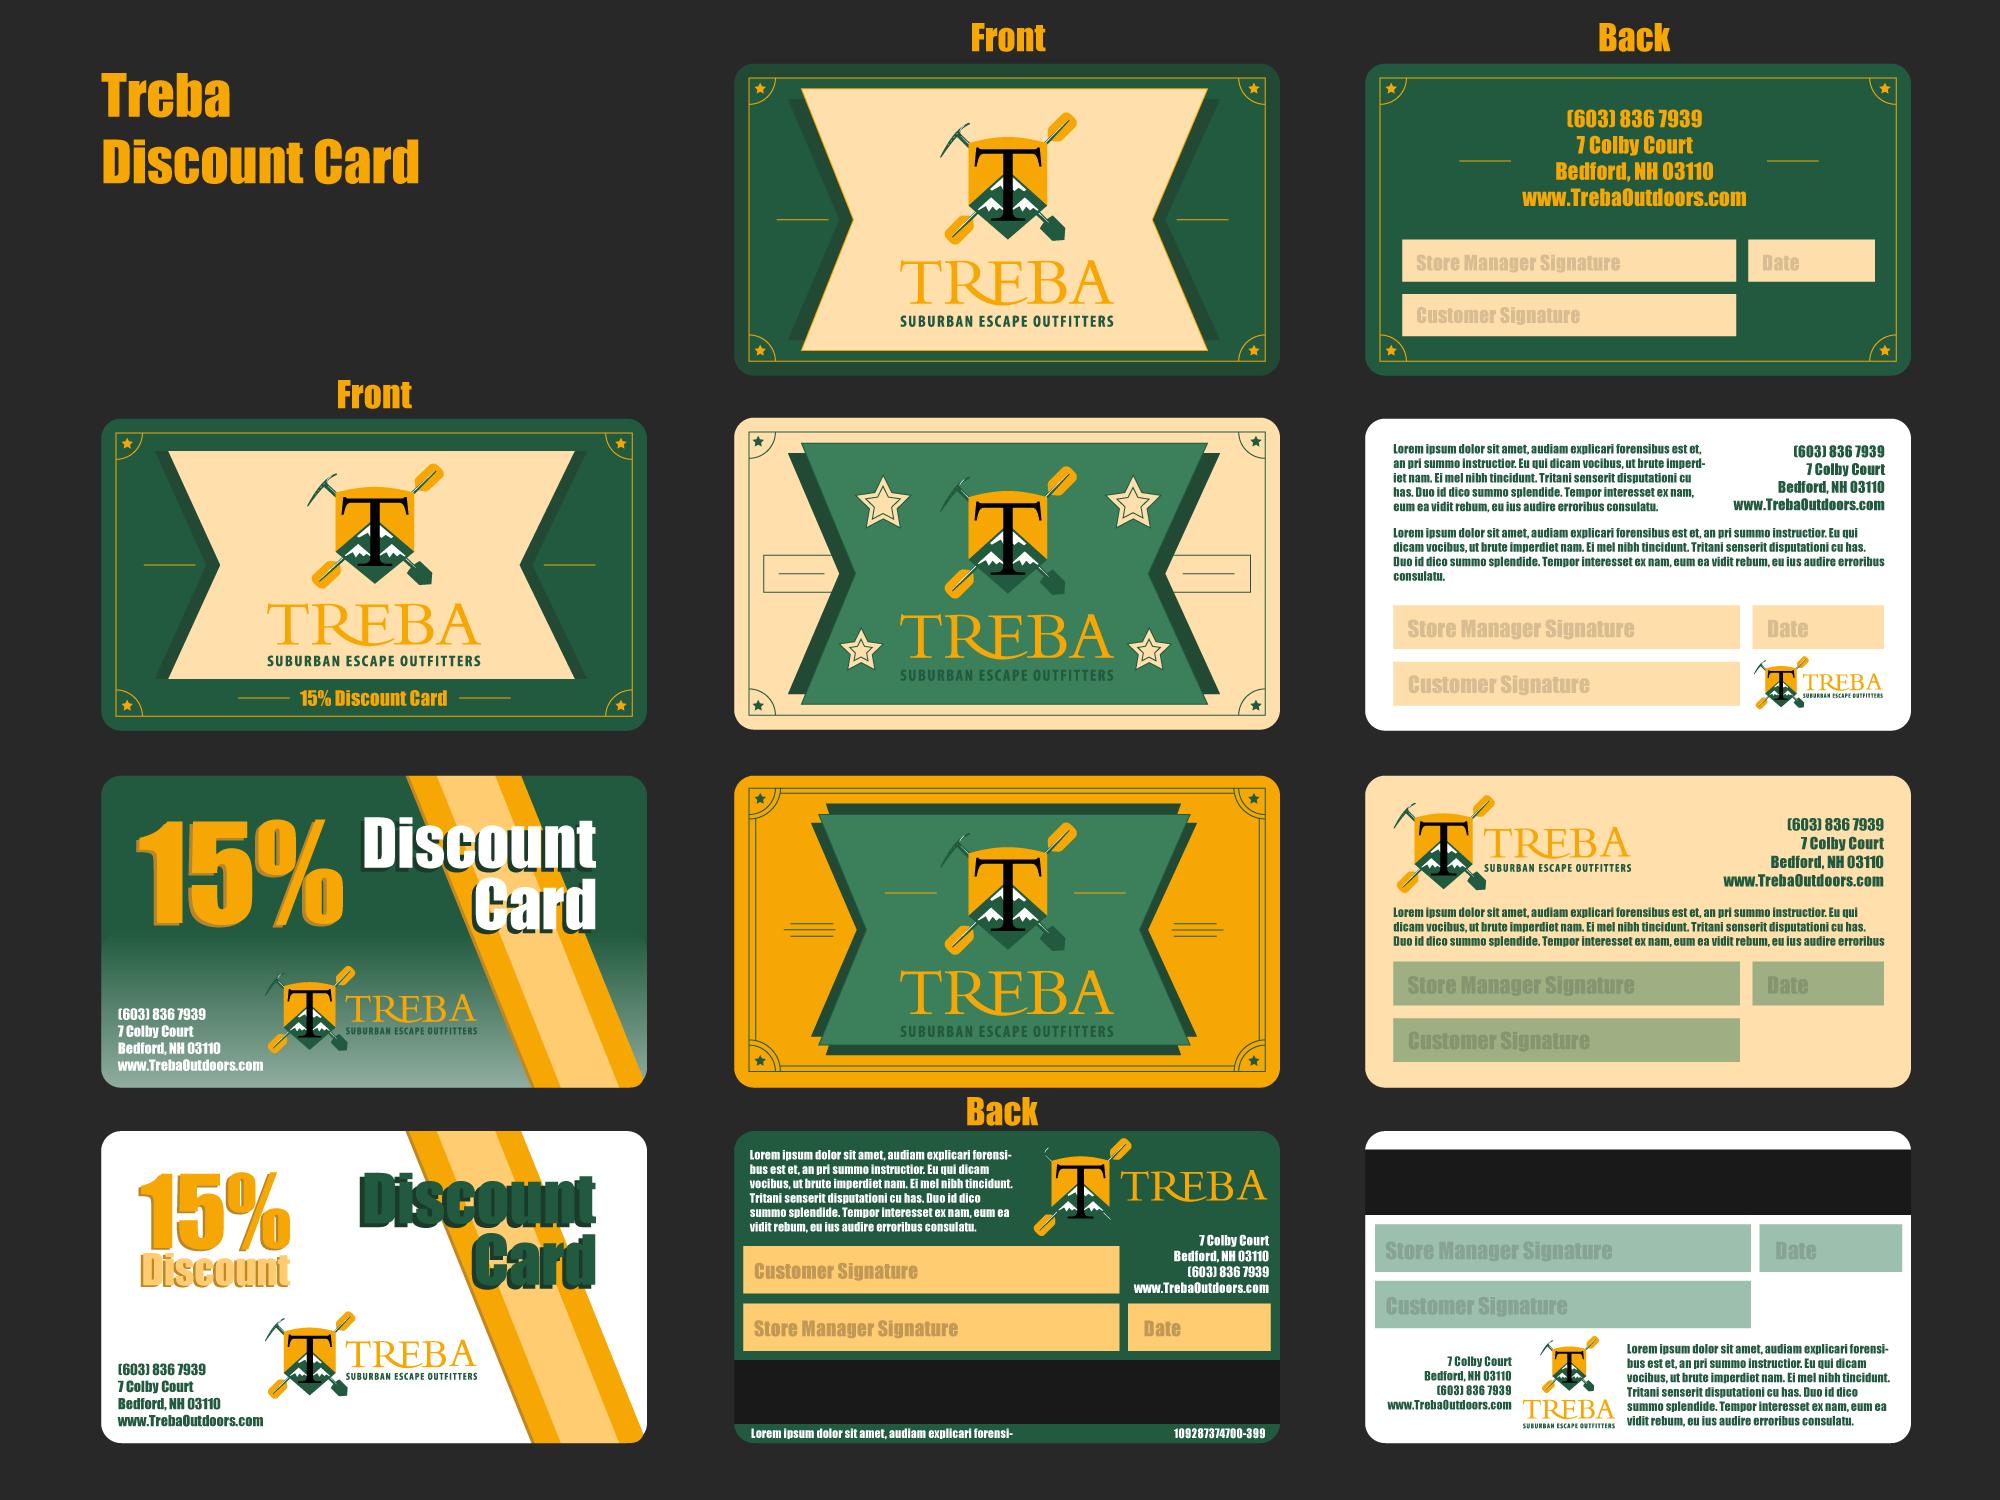 2015_Treba_DiscountCard_Concepts.png